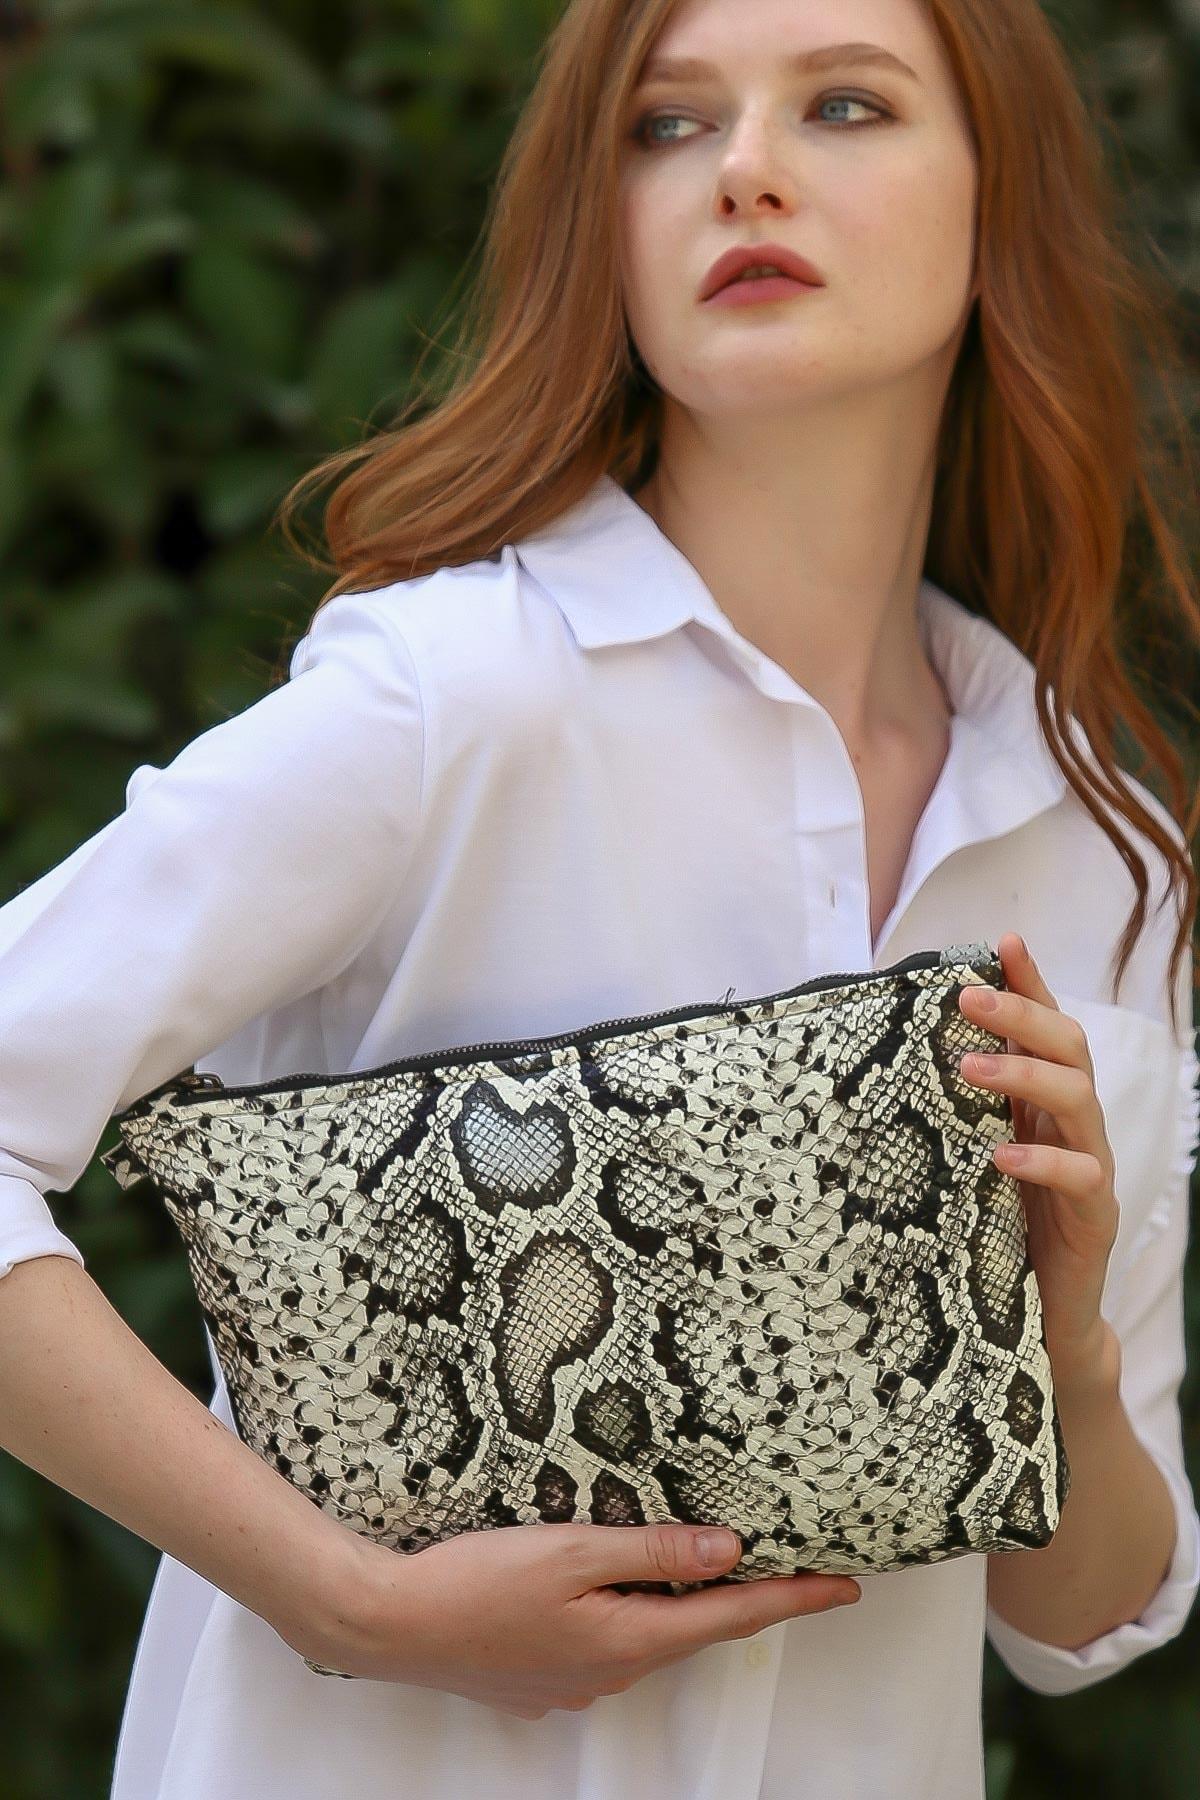 Chiccy Kadın Casual yılan desenli vegan clutch çanta C30090400CF97227 2